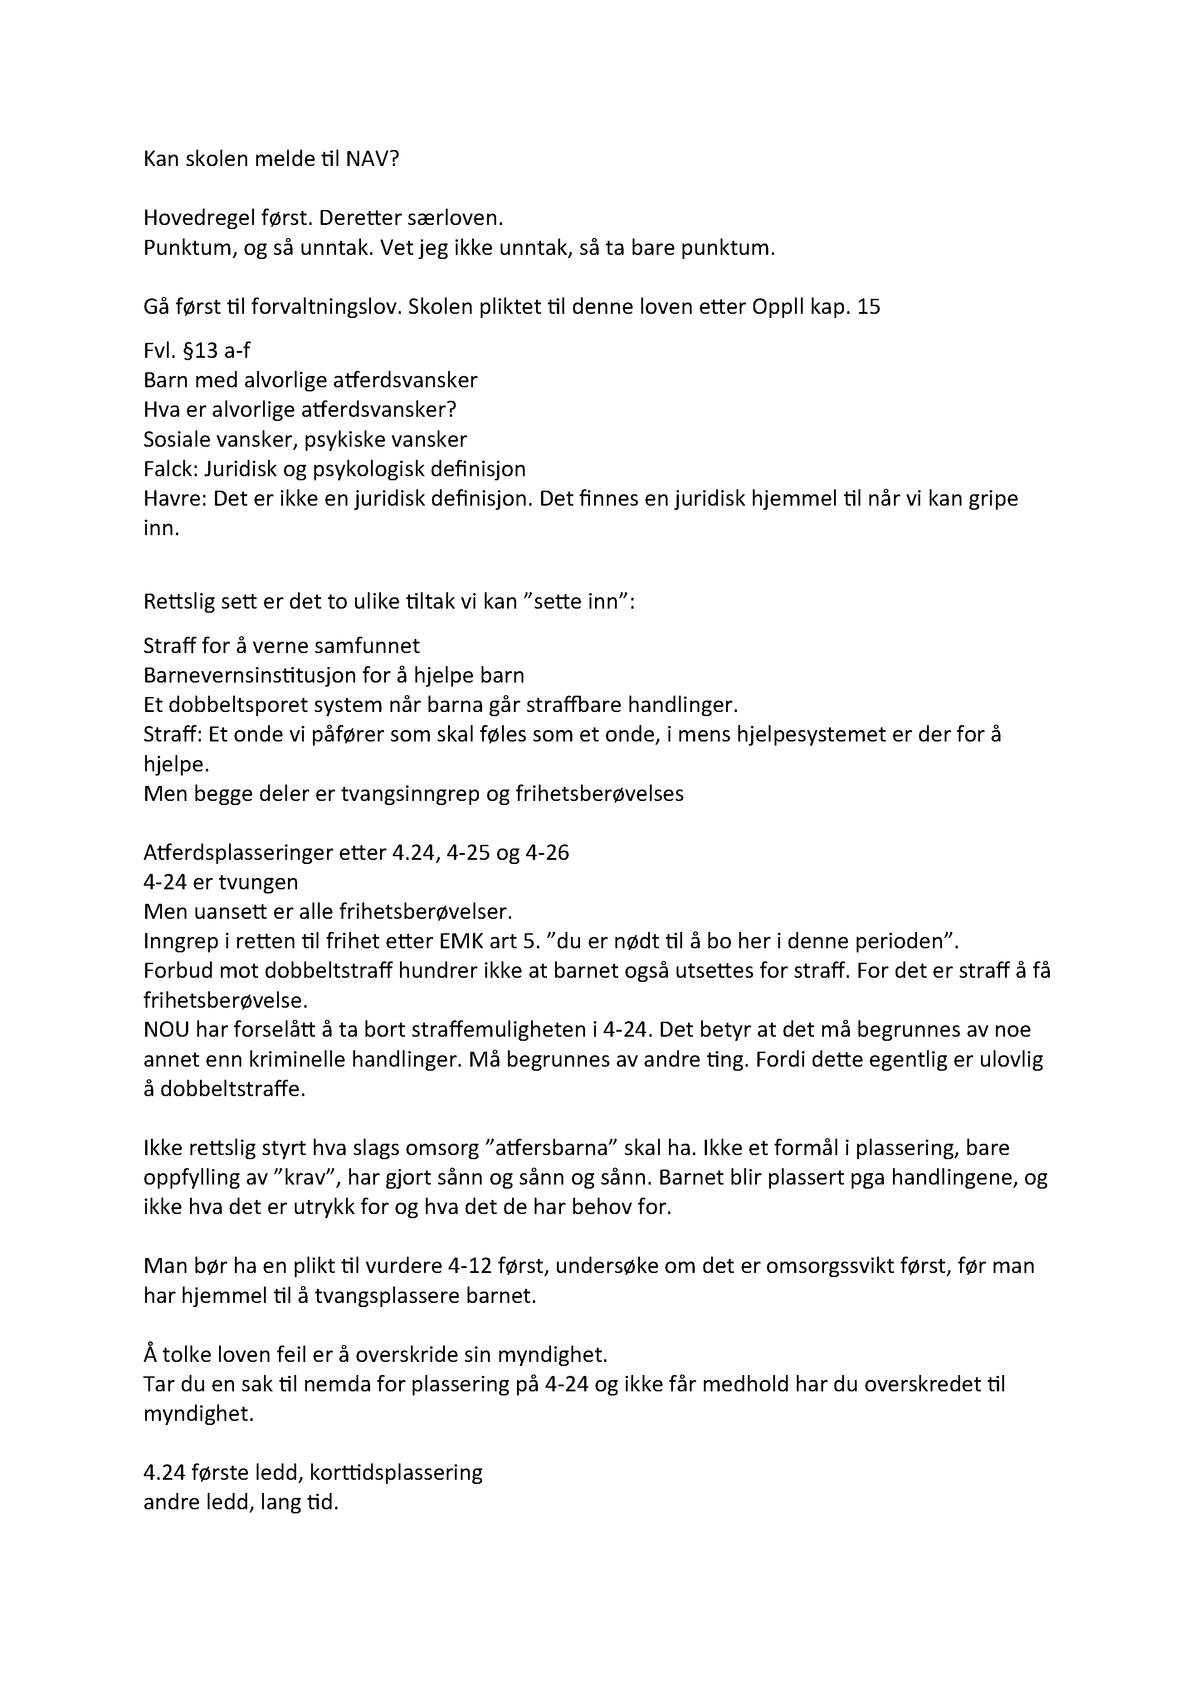 cf8cce4f 17.01. - jus - MEd Merete Havre om jus i institusjoner - BVUH2400: 2B.  Utsatte barn og unge i ulike institusjoner - StuDocu